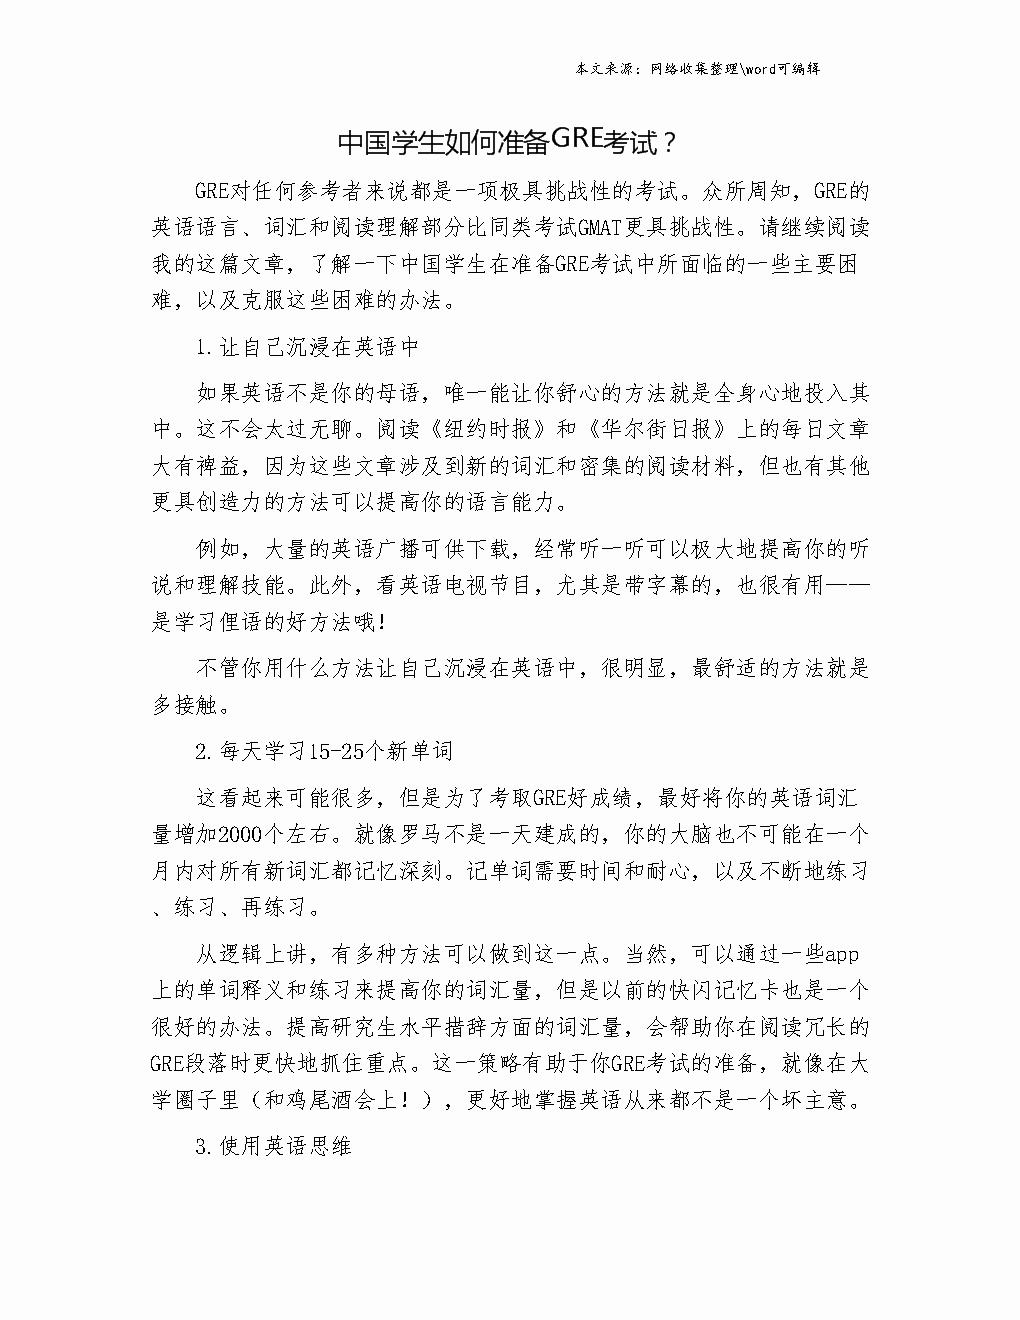 中国学生如何准备GRE考试? .doc